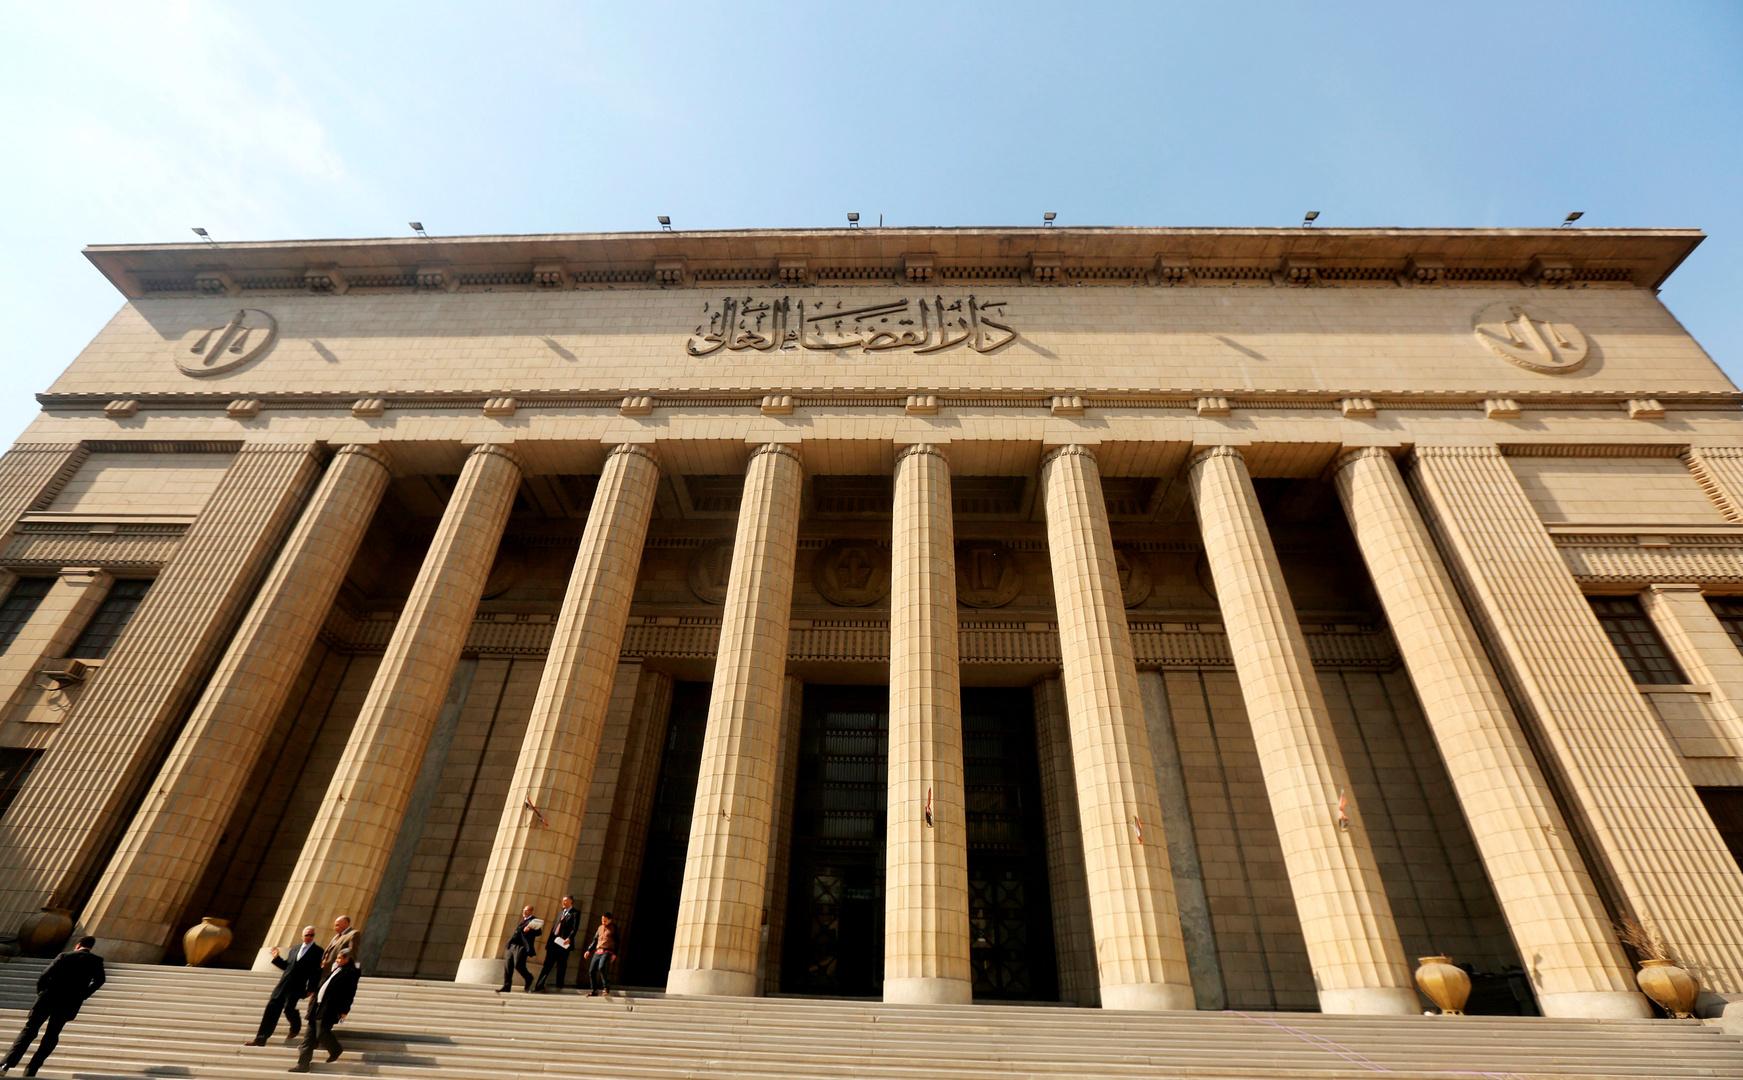 مبنى دار القضاء العالي في القاهرة بمصر